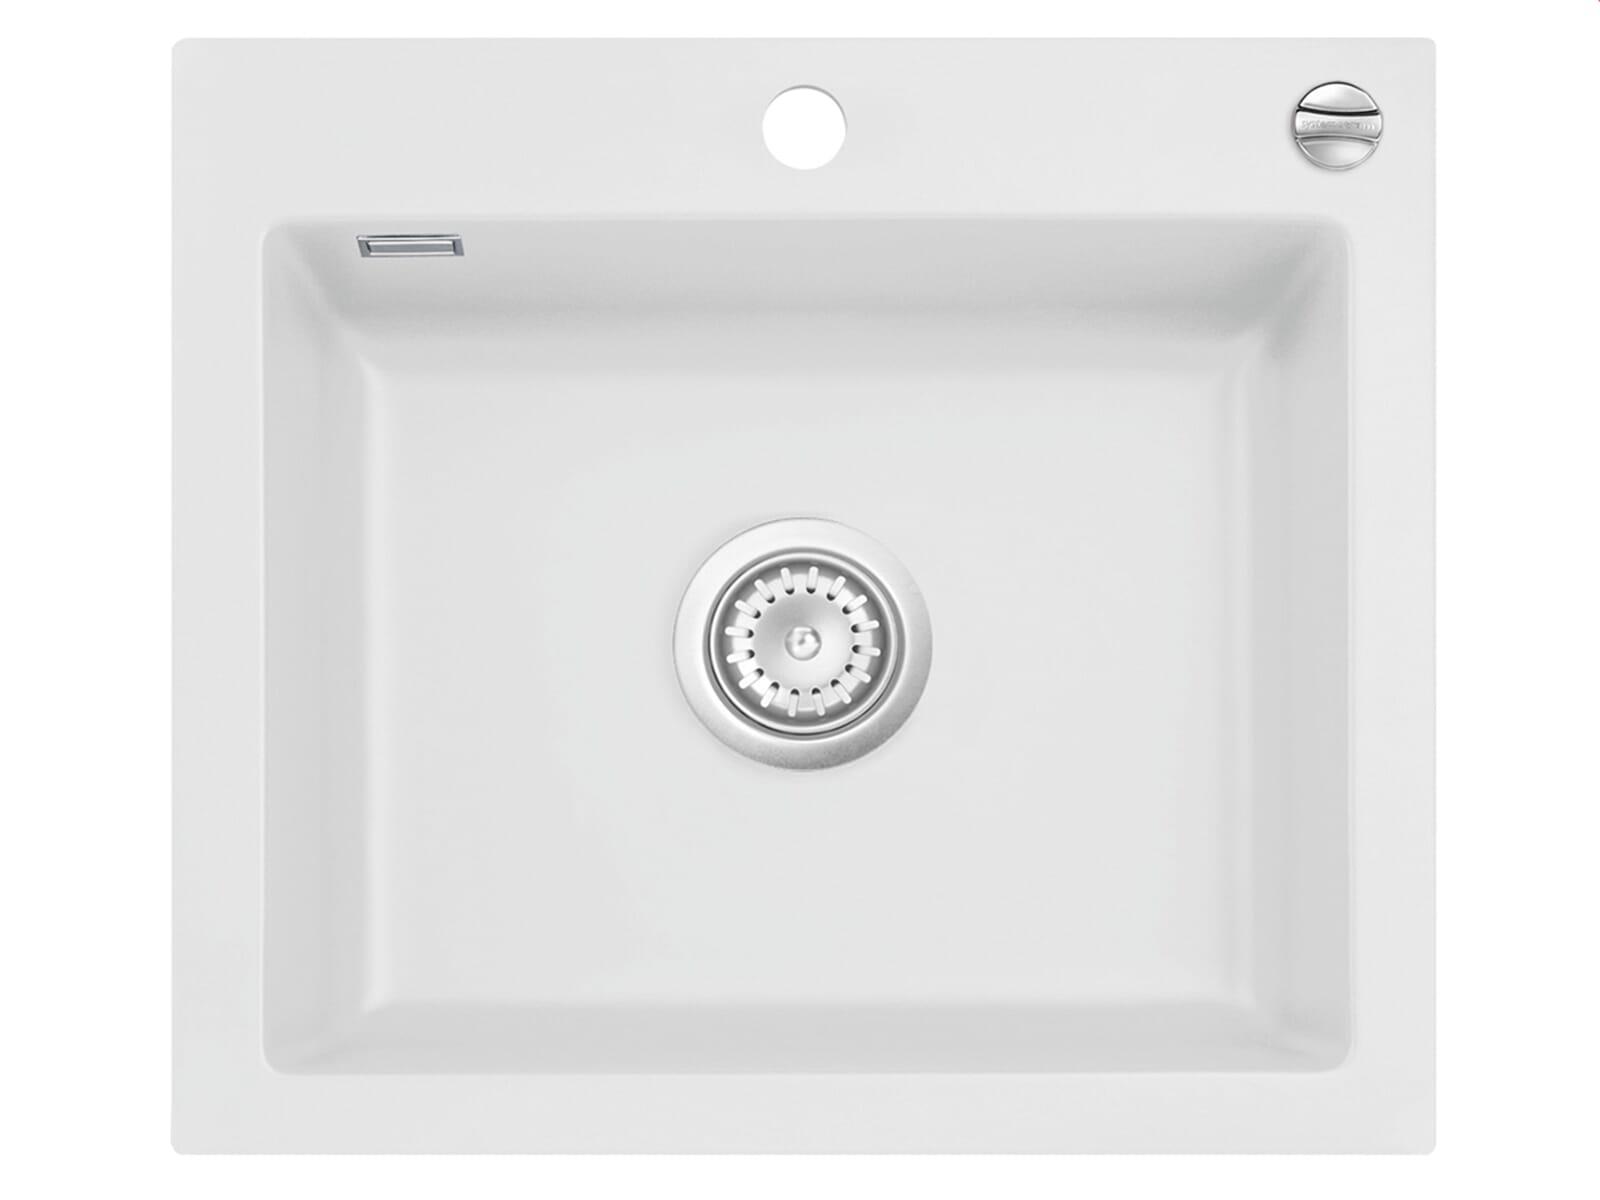 Systemceram Mera 57 Satin Keramikspüle Excenterbetätigung